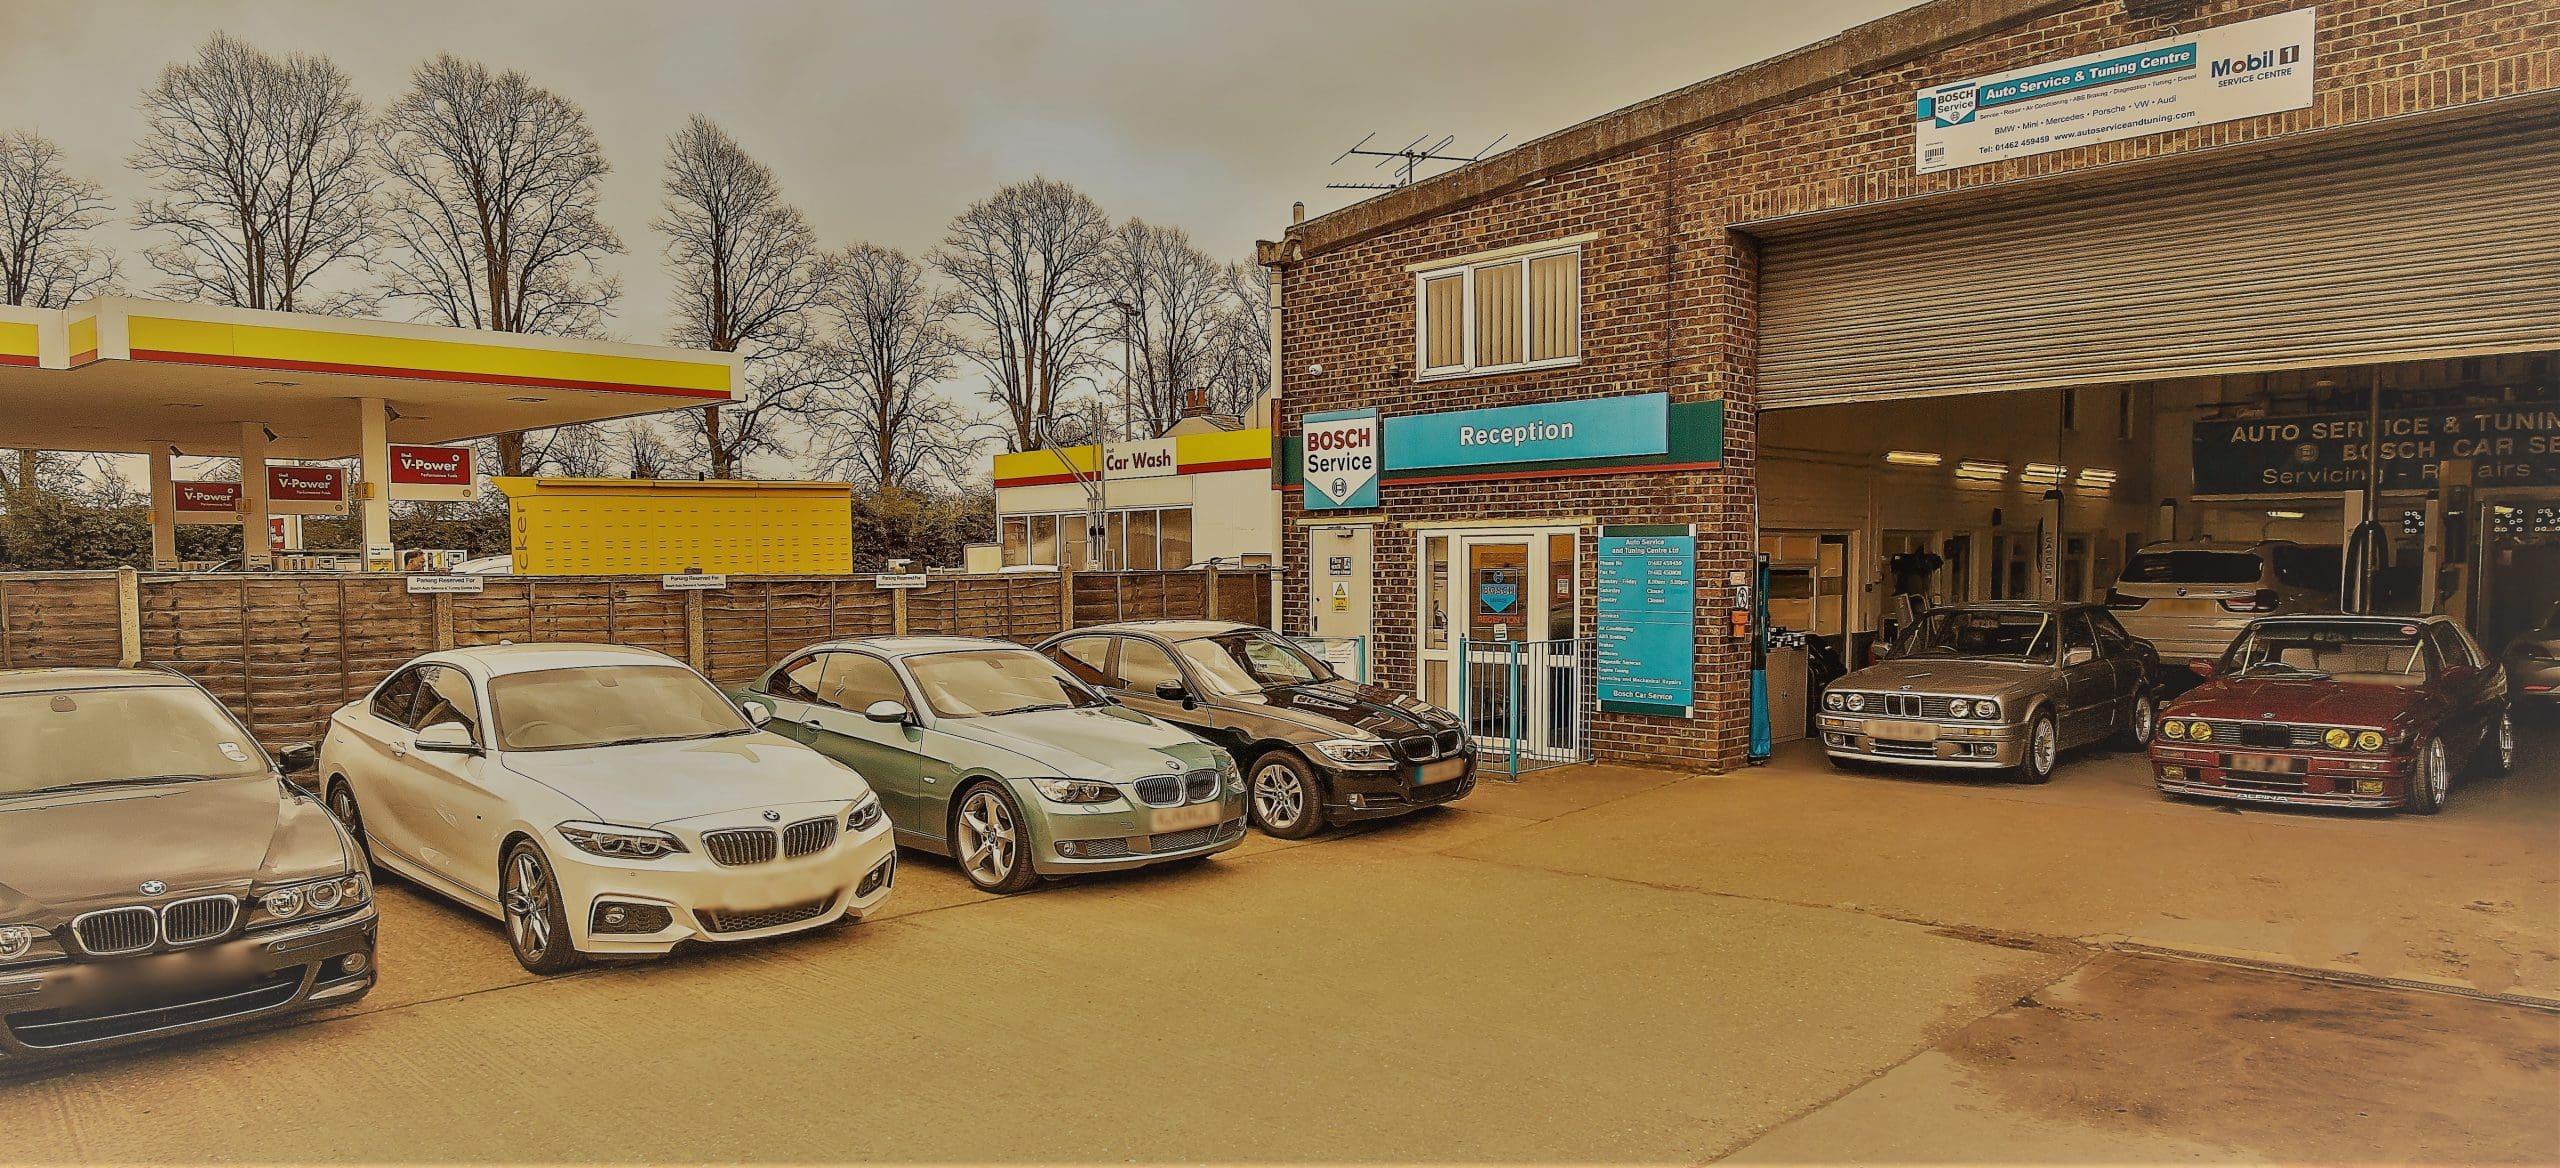 Bosch Auto Service Tuning Centre 01 65 2